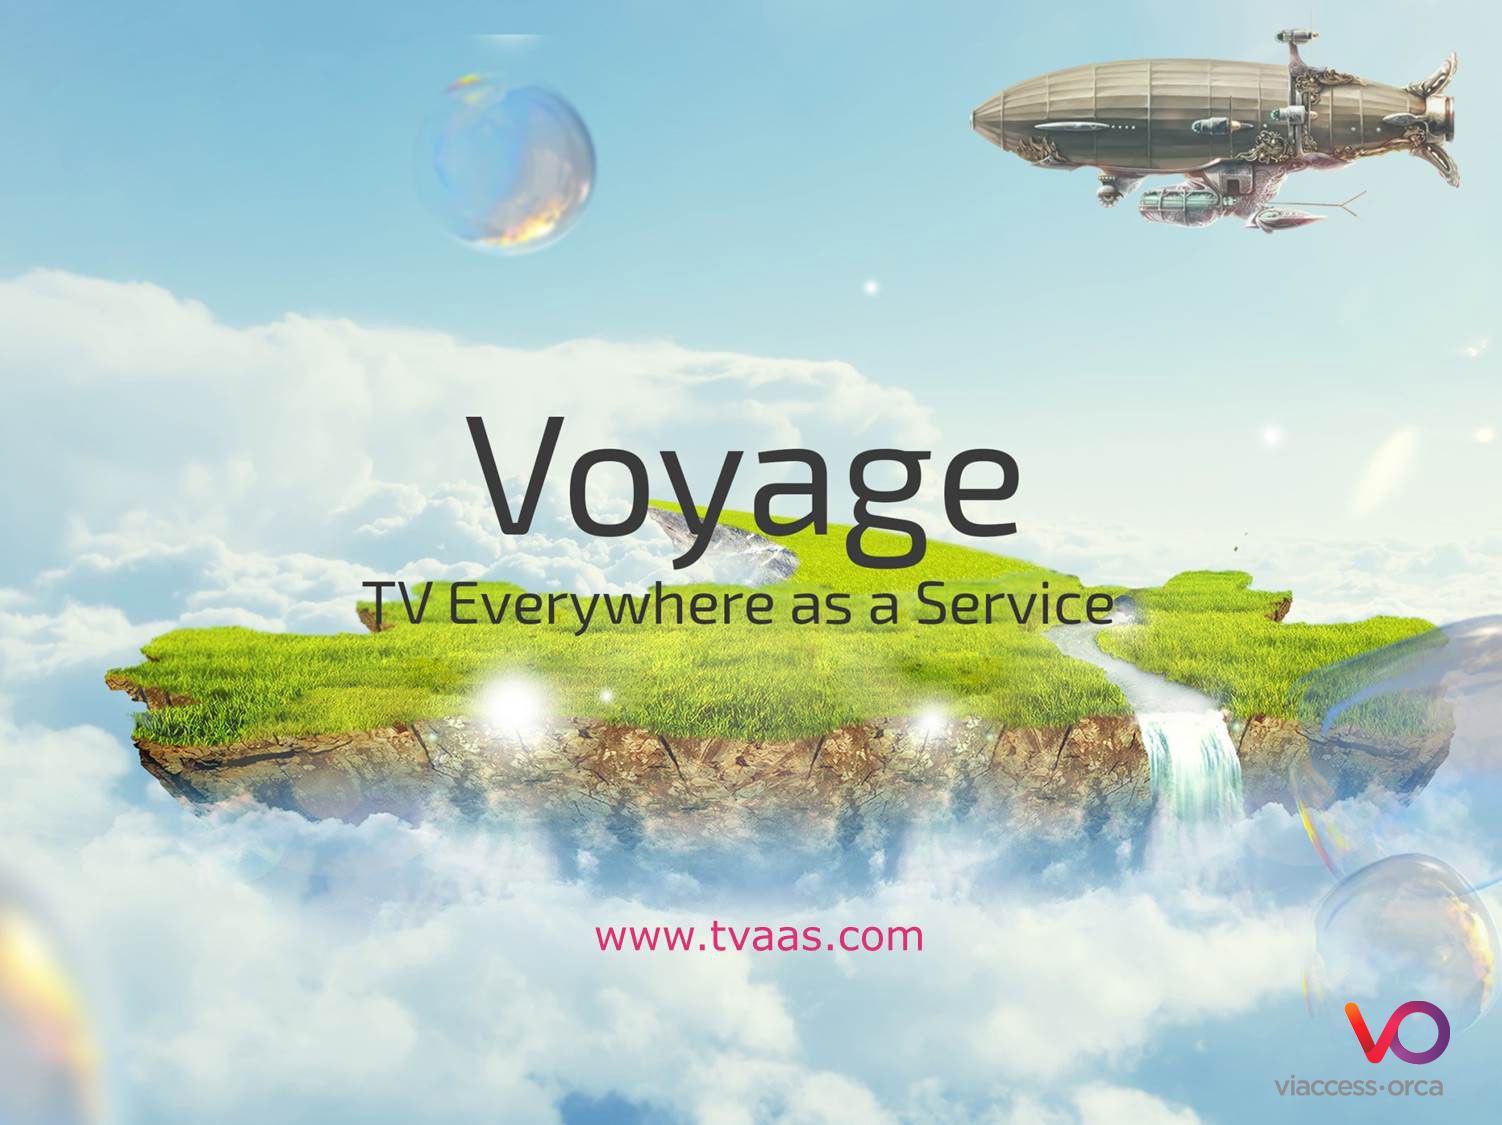 VoyageTVaaS